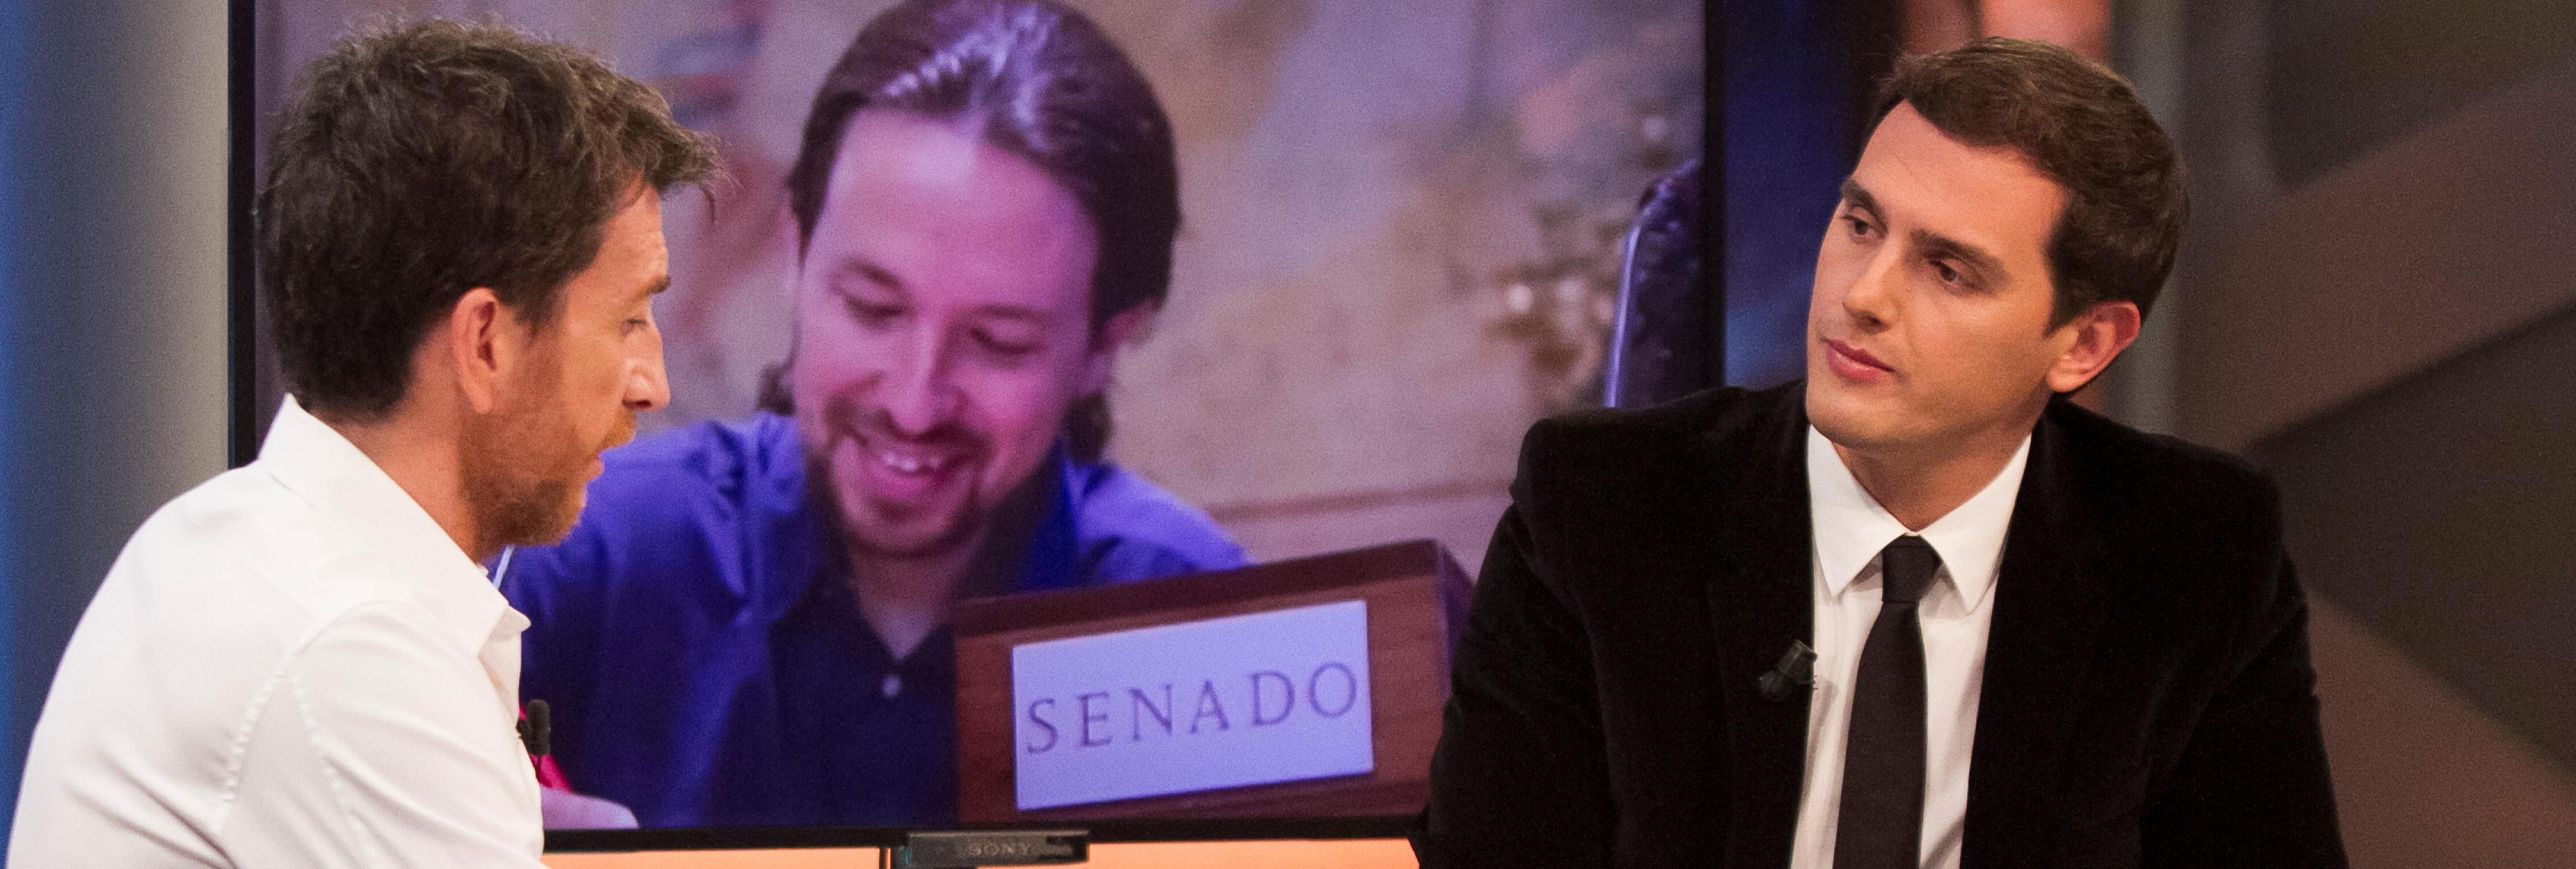 Pablo Motos y su trato diferencial a los representantes políticos